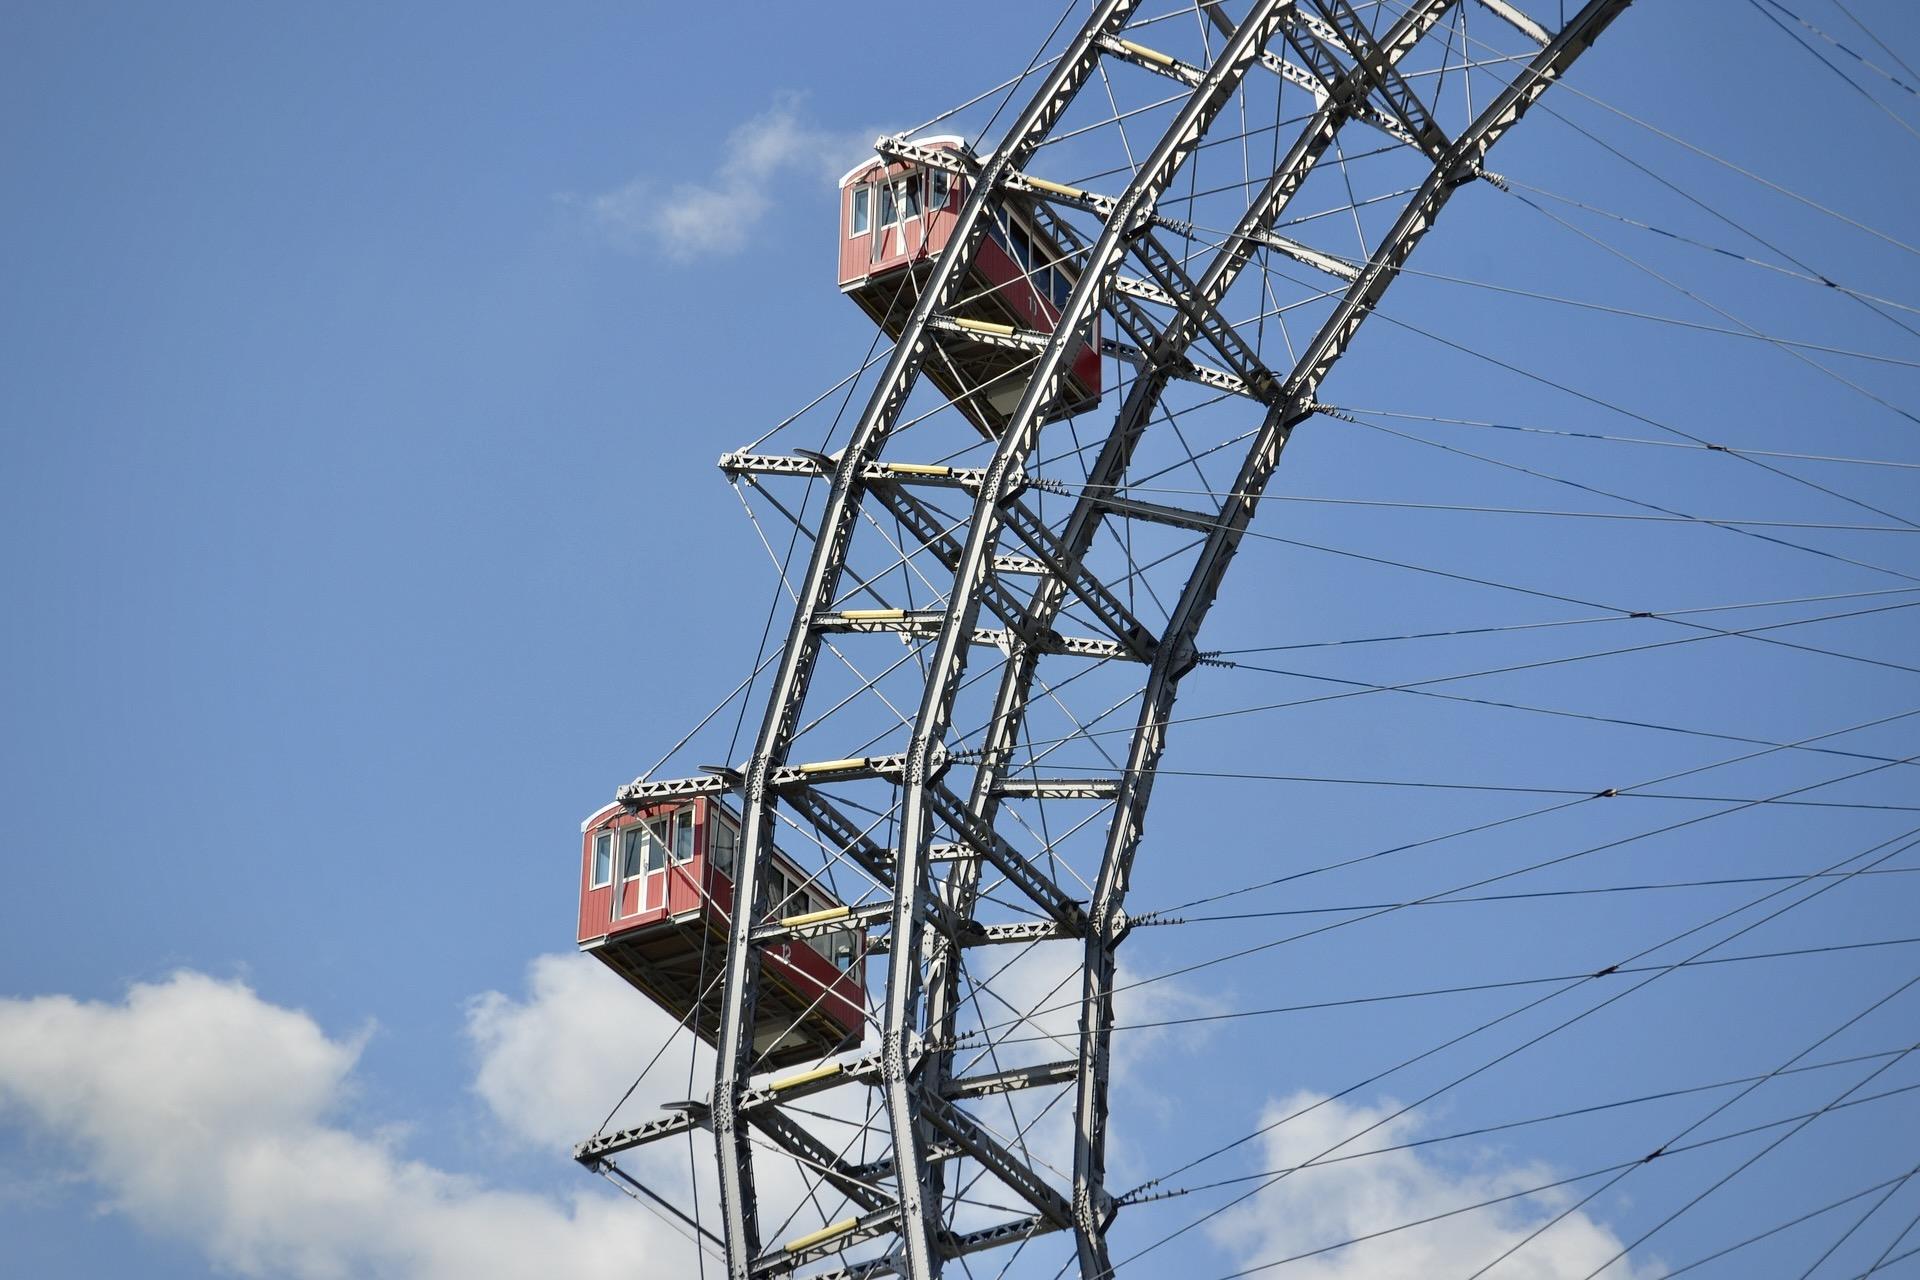 Das Riesenrad auf dem Wiener Prater gehört zu den meistbesuchten Attraktionen in Wien